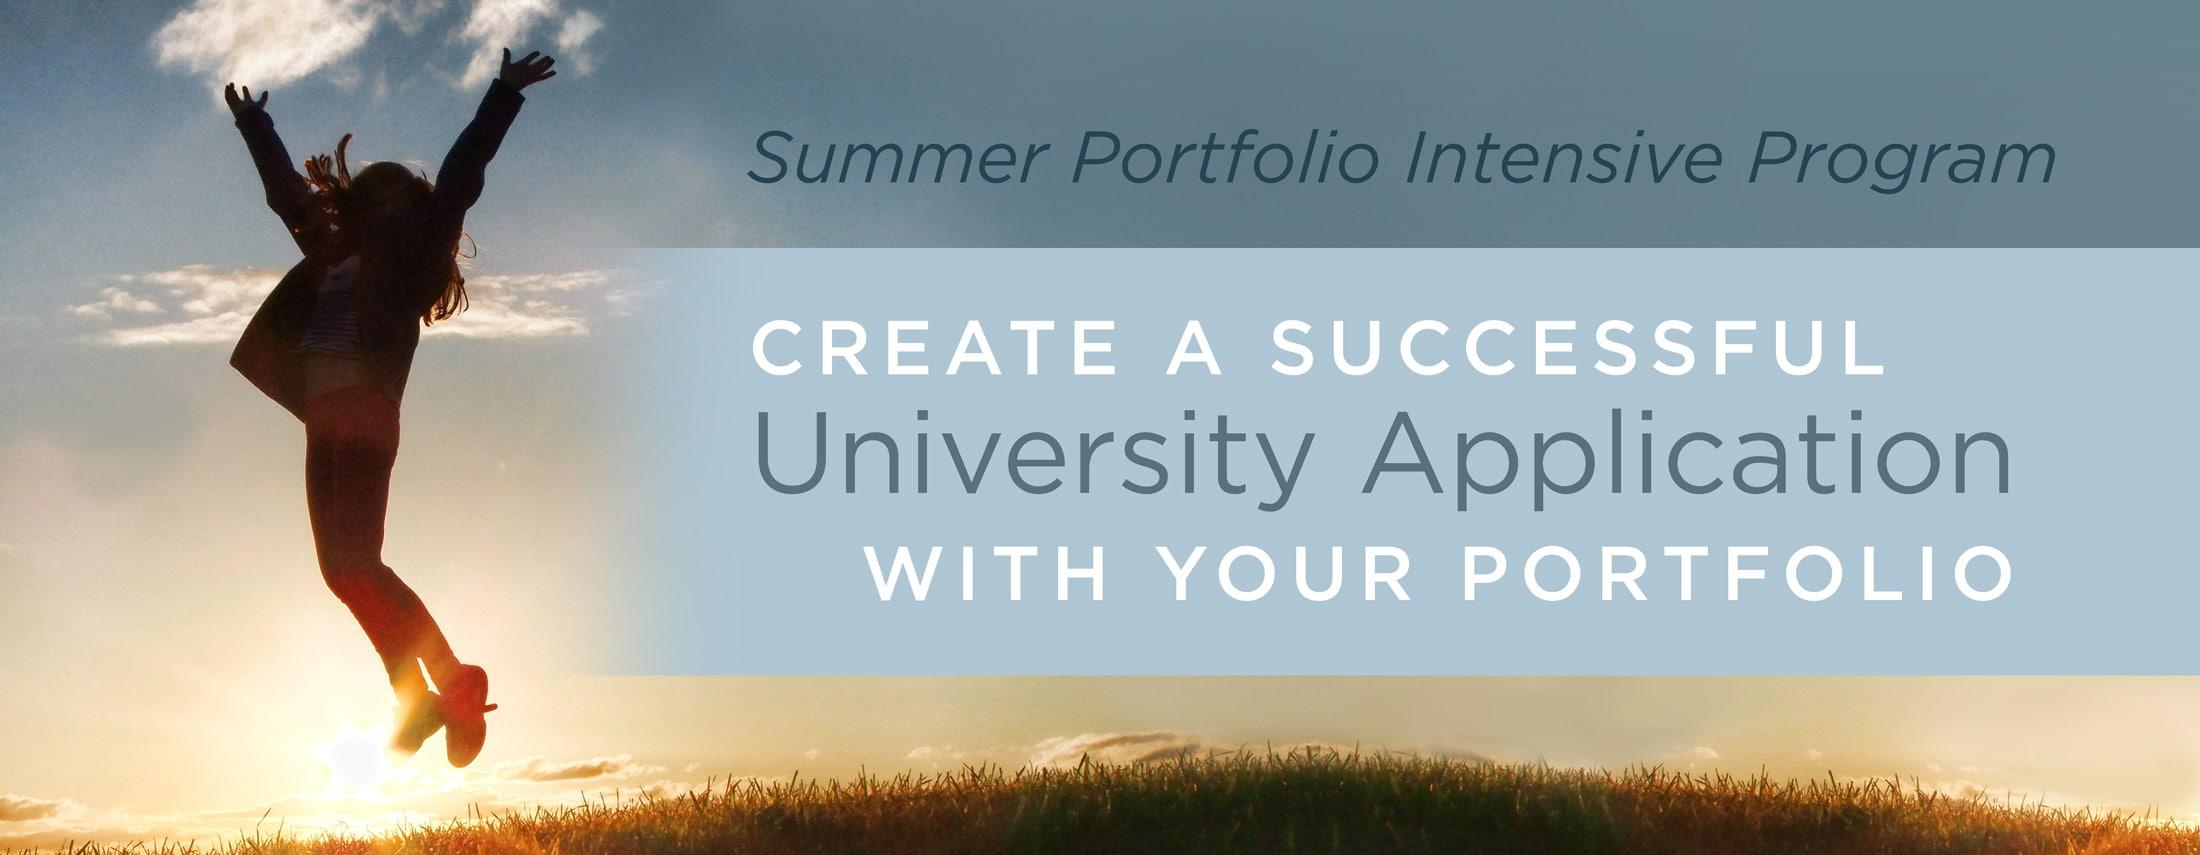 Summer Portfolio